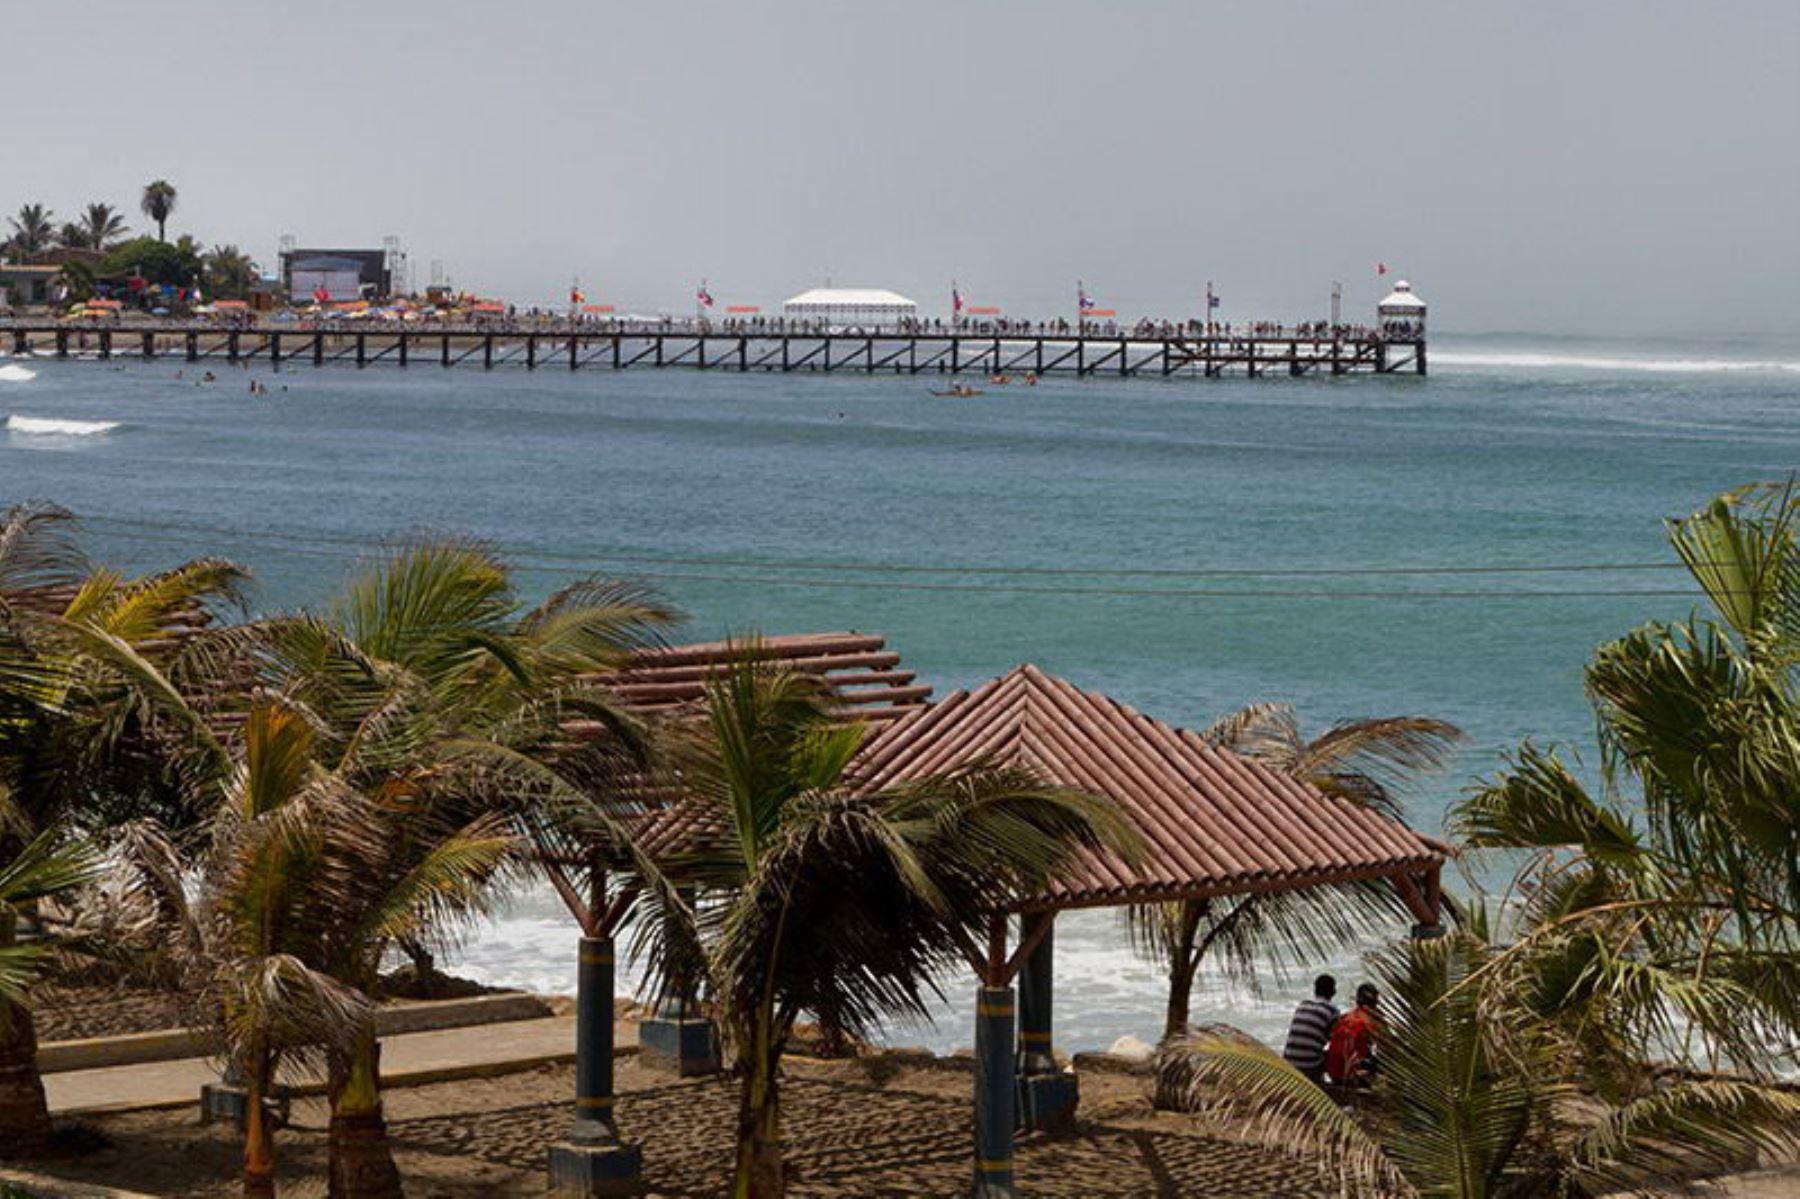 El balneario de Huanchaco está ubicado en la provincia de Trujillo, región La Libertad. Foto: Promperú